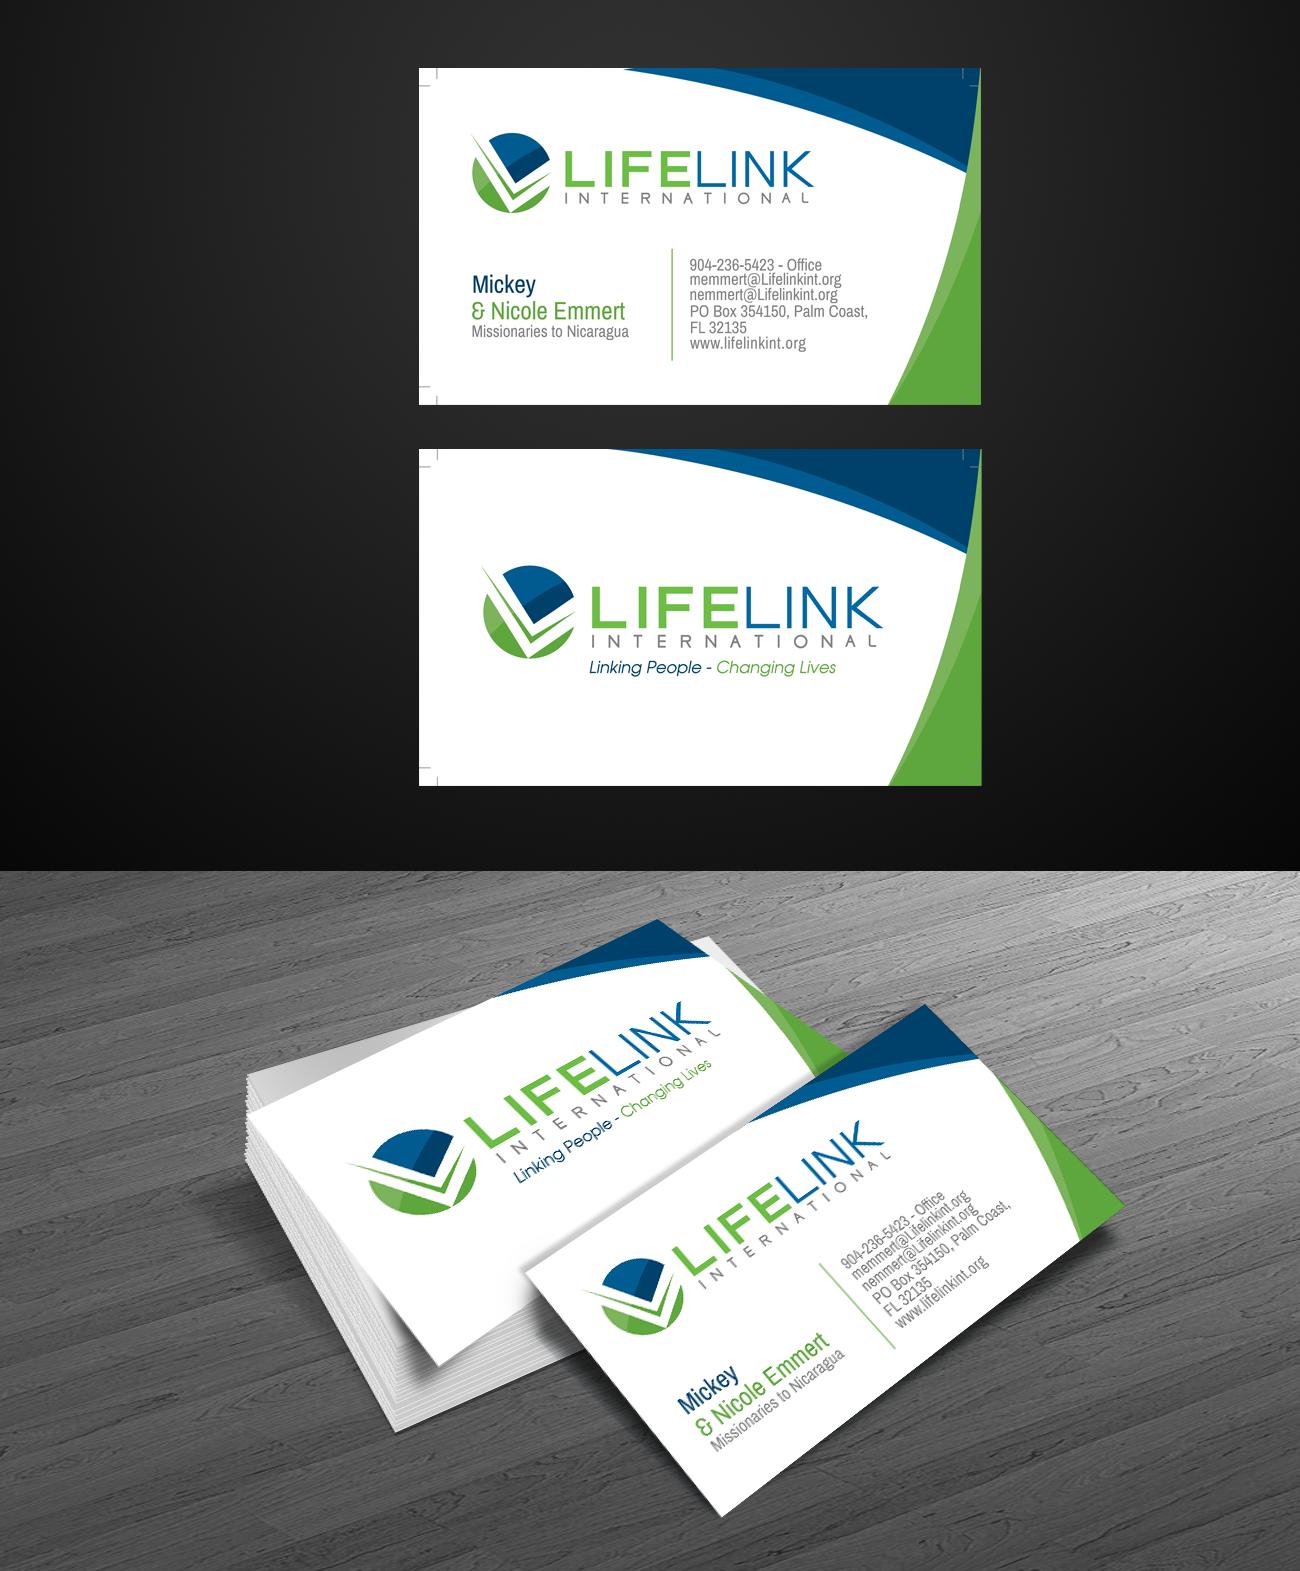 lifelinkint-org-logo